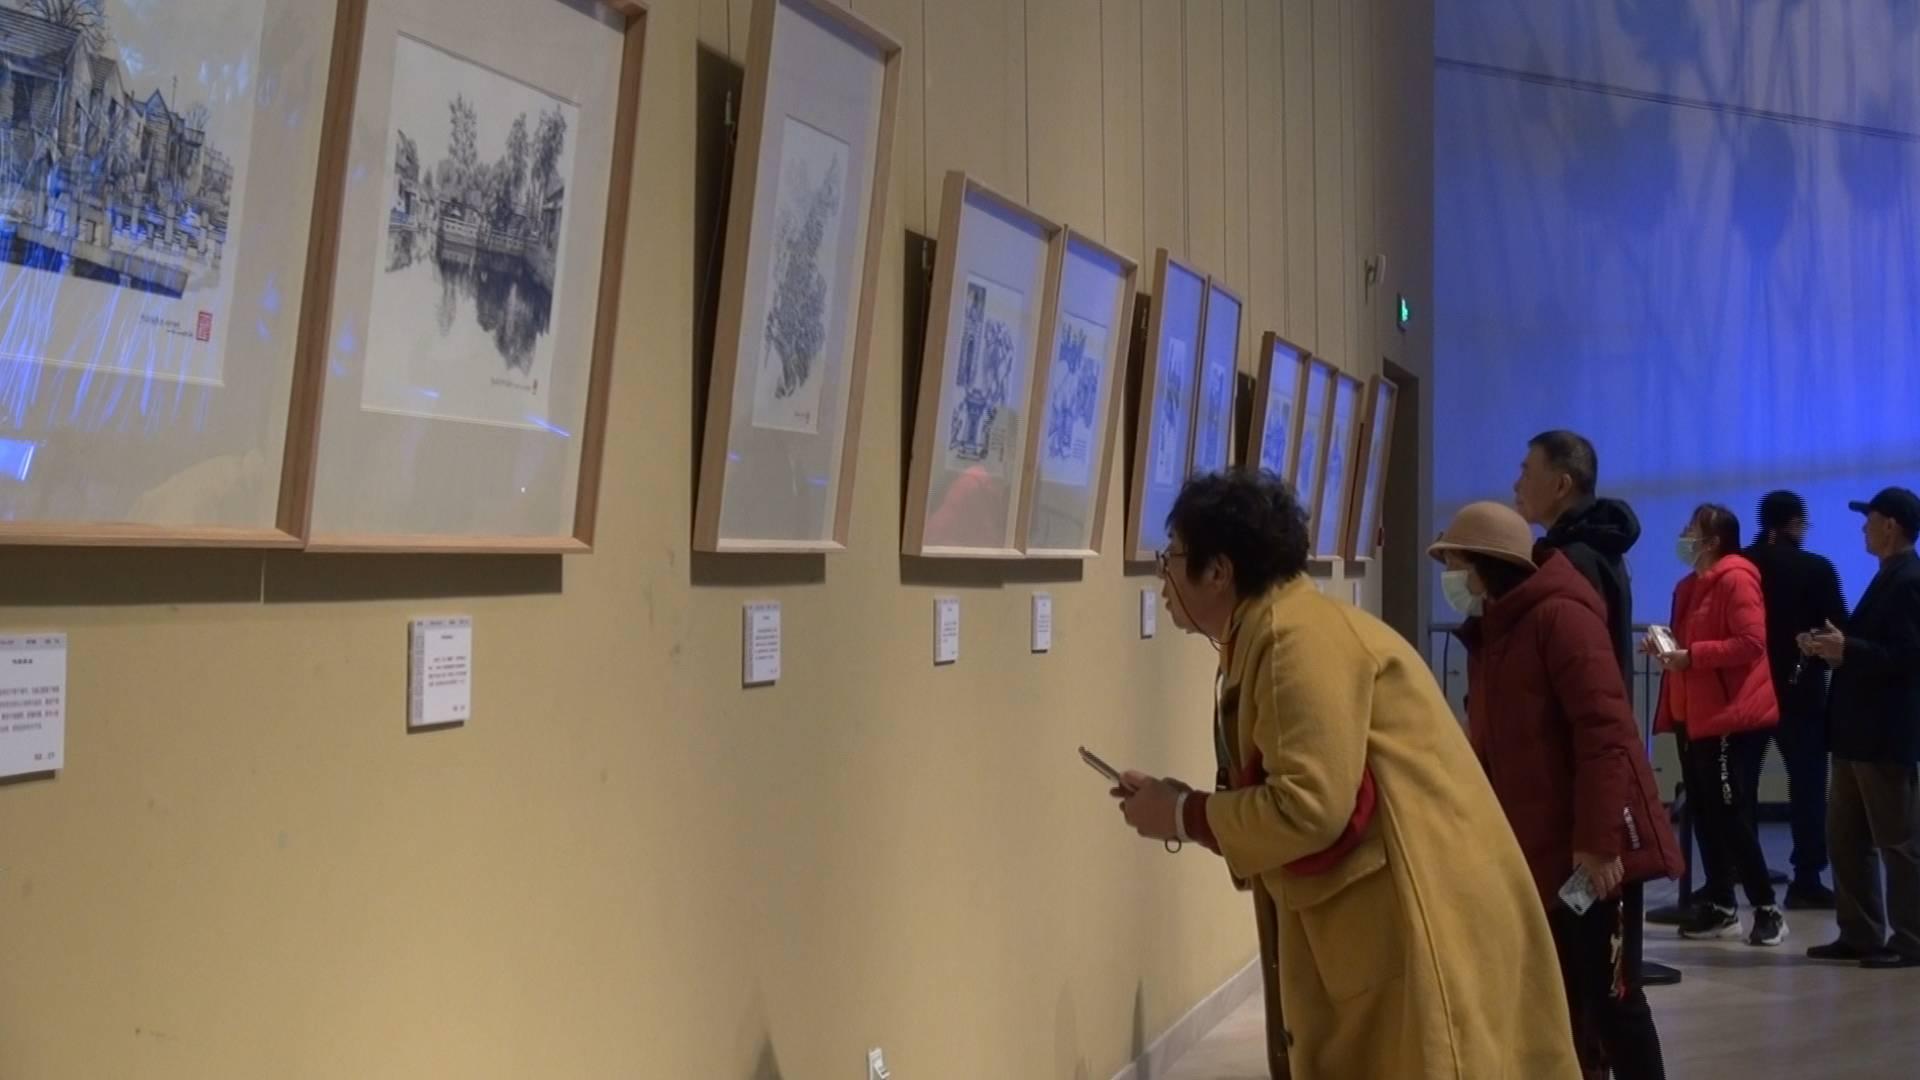 86秒丨重温泉城记忆!48幅手绘作品再现济南古建筑风貌